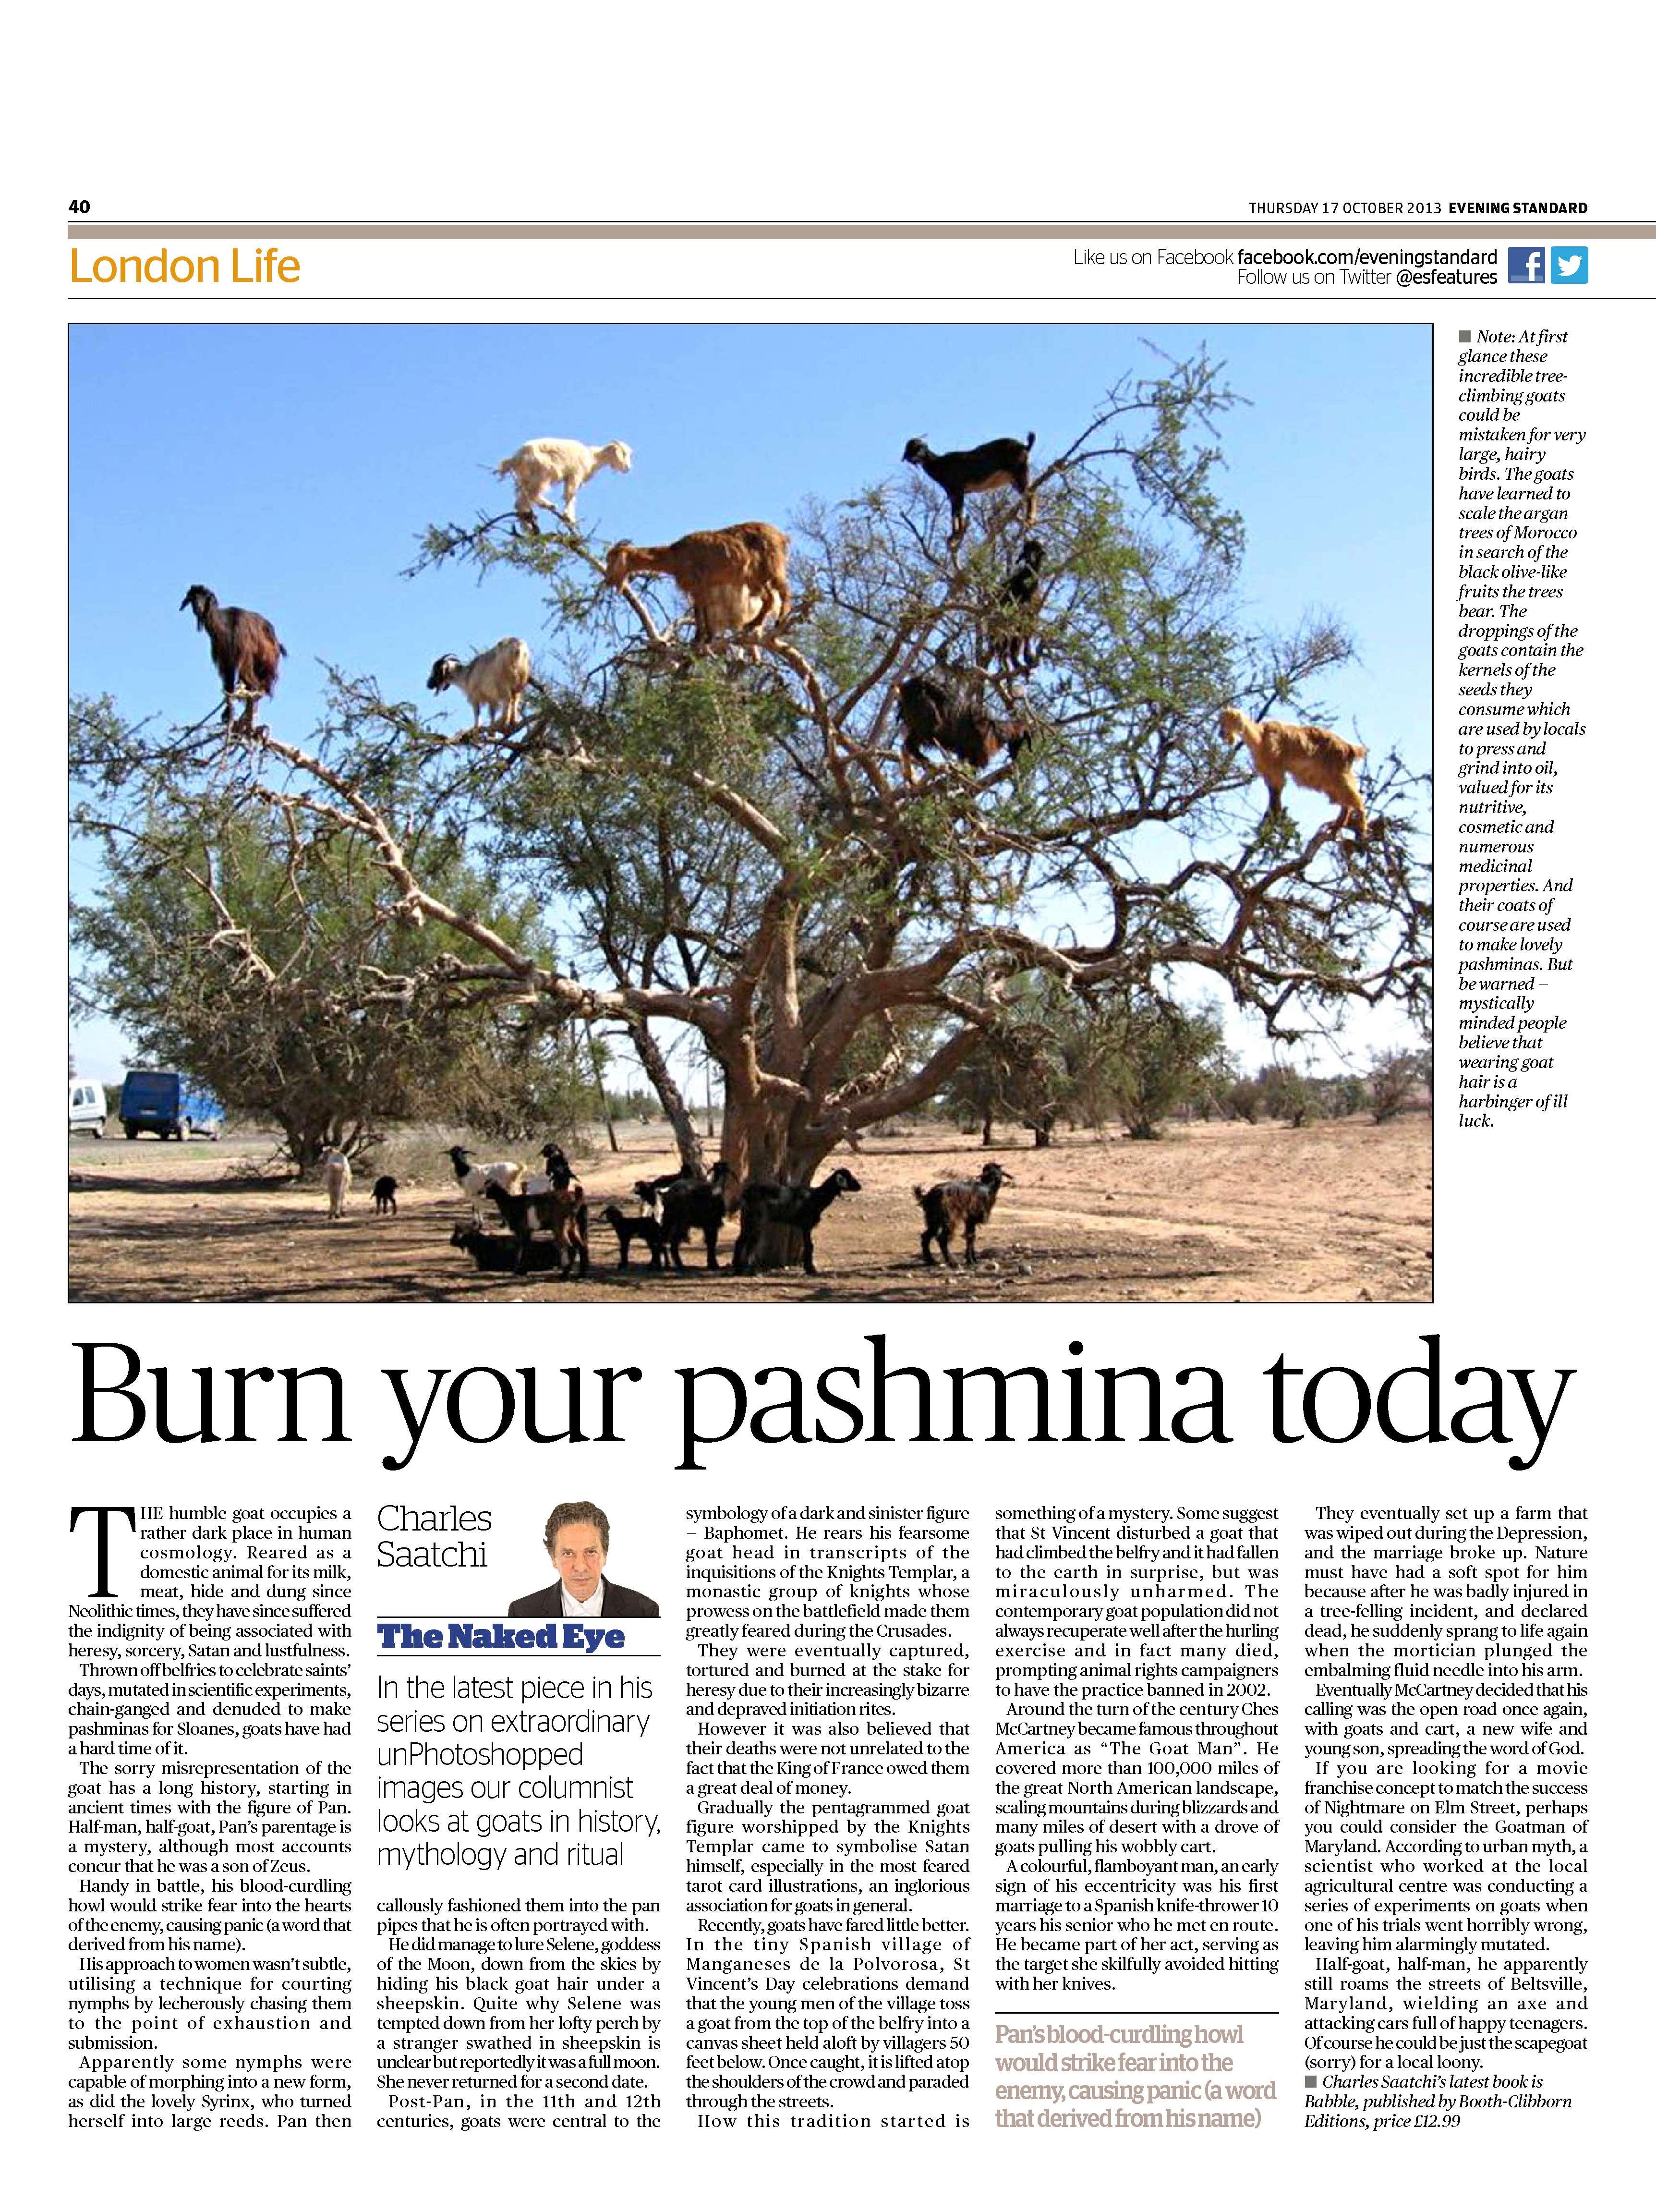 Burn your pashmina